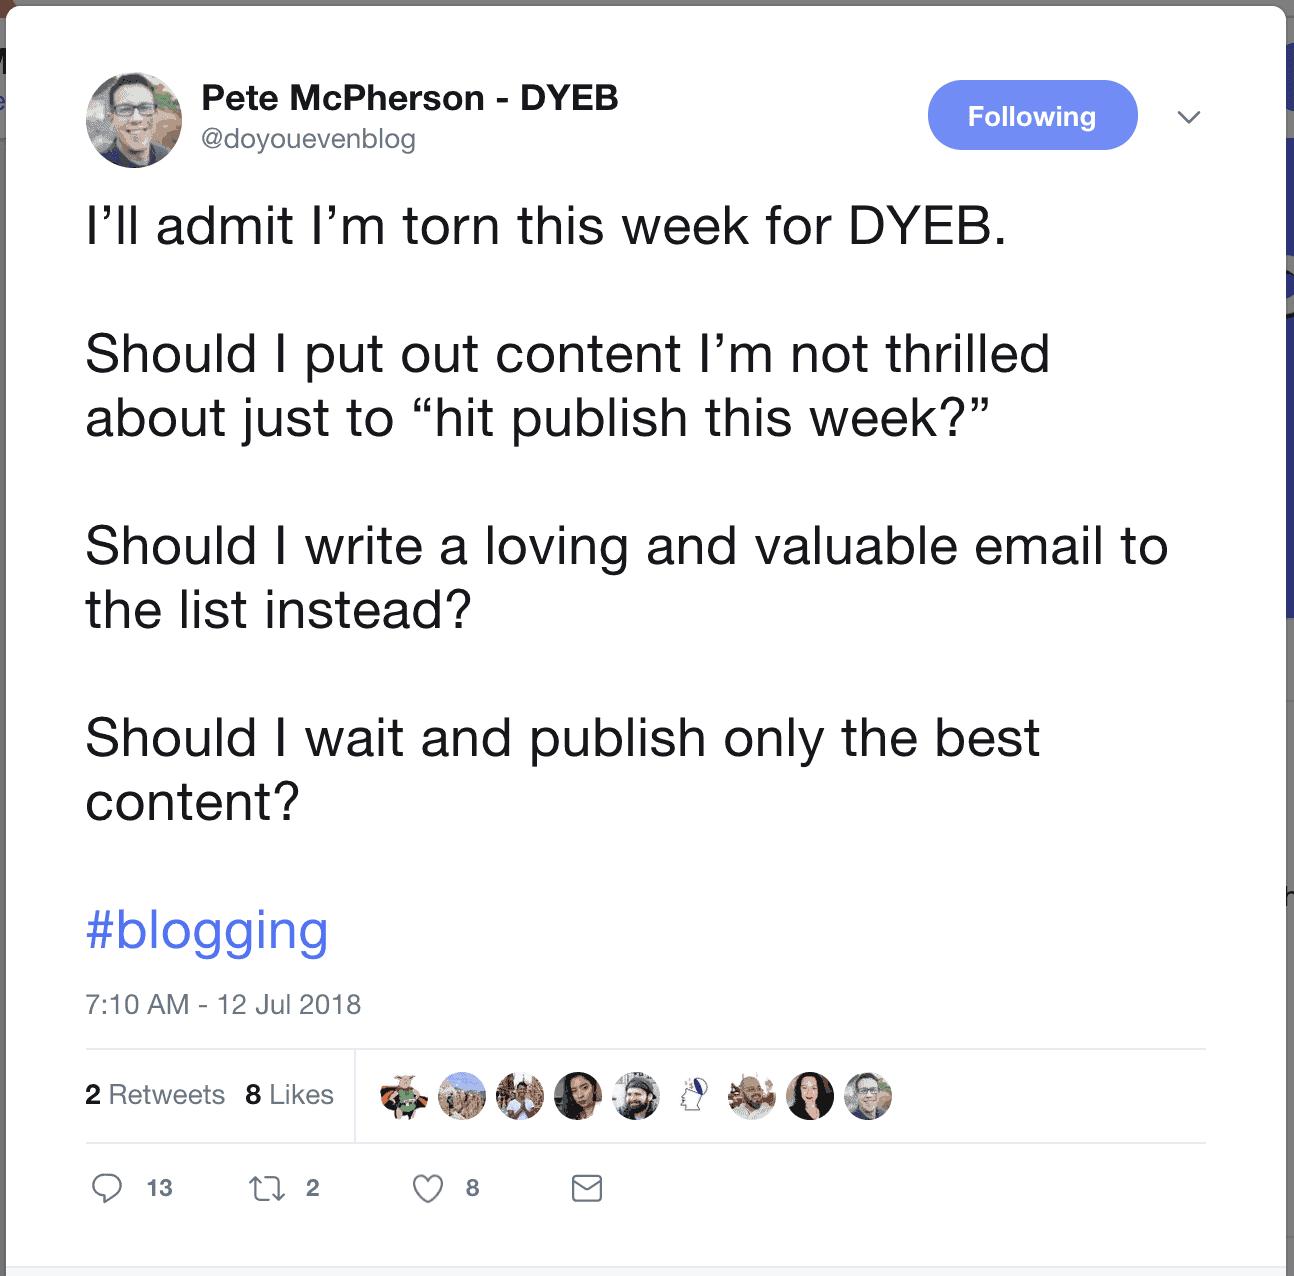 Pete's content dilemma